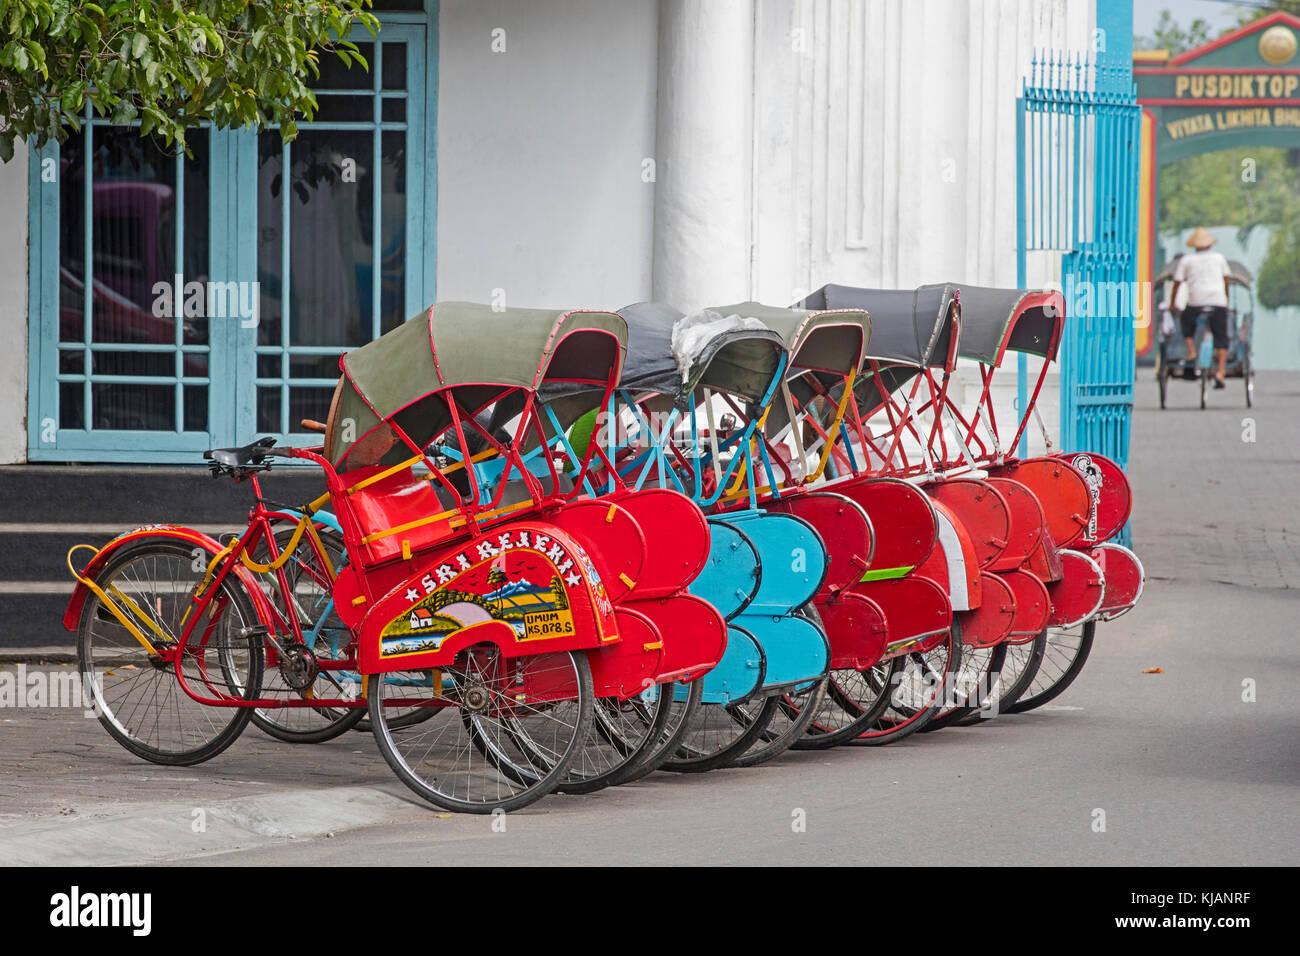 Risciò ciclo / becaks per i mezzi di trasporto pubblico nella città surakarta / solo, Giava centrale, Immagini Stock